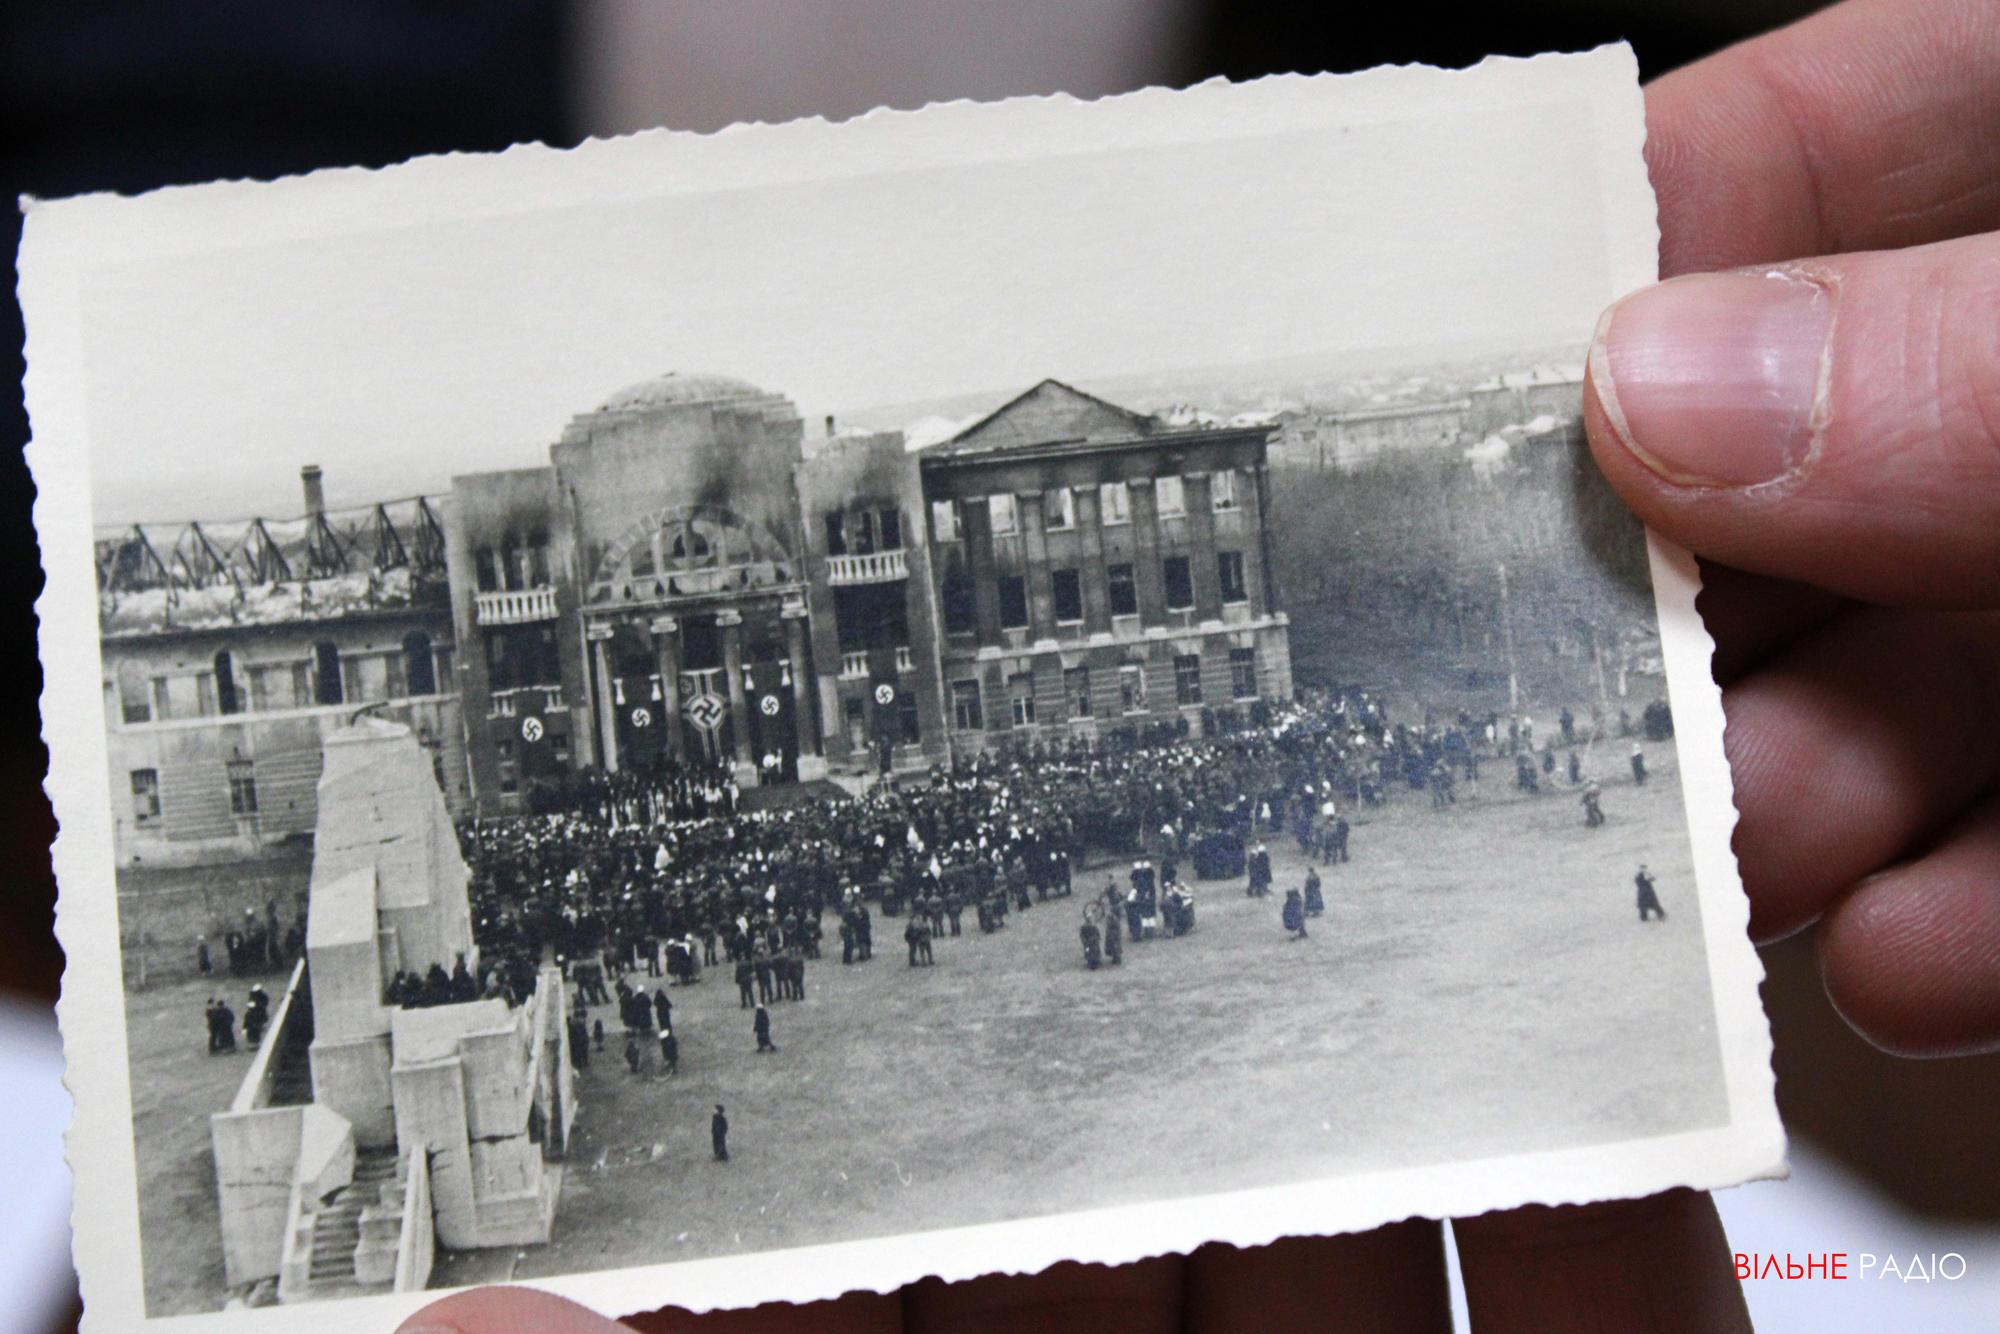 Будівля БК ім. Мартинова у центрі Бахмута, яка постріждала від нацистської окупації